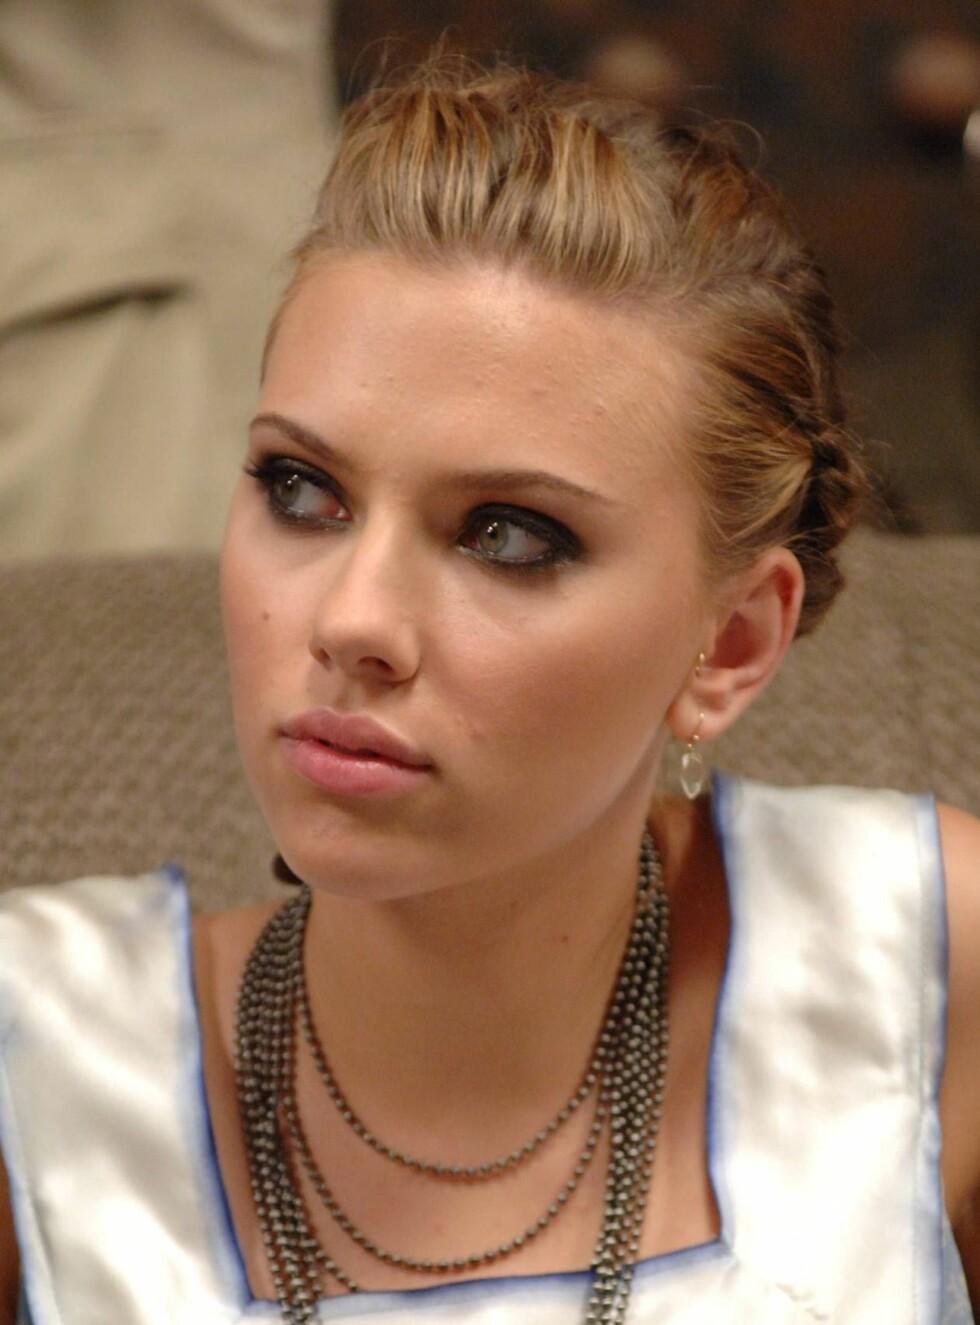 FLOTT: Scarlett Johansson er en av Hollywoods heteste poteter. Selv er hun svært uenig ... Foto: Stella Pictures